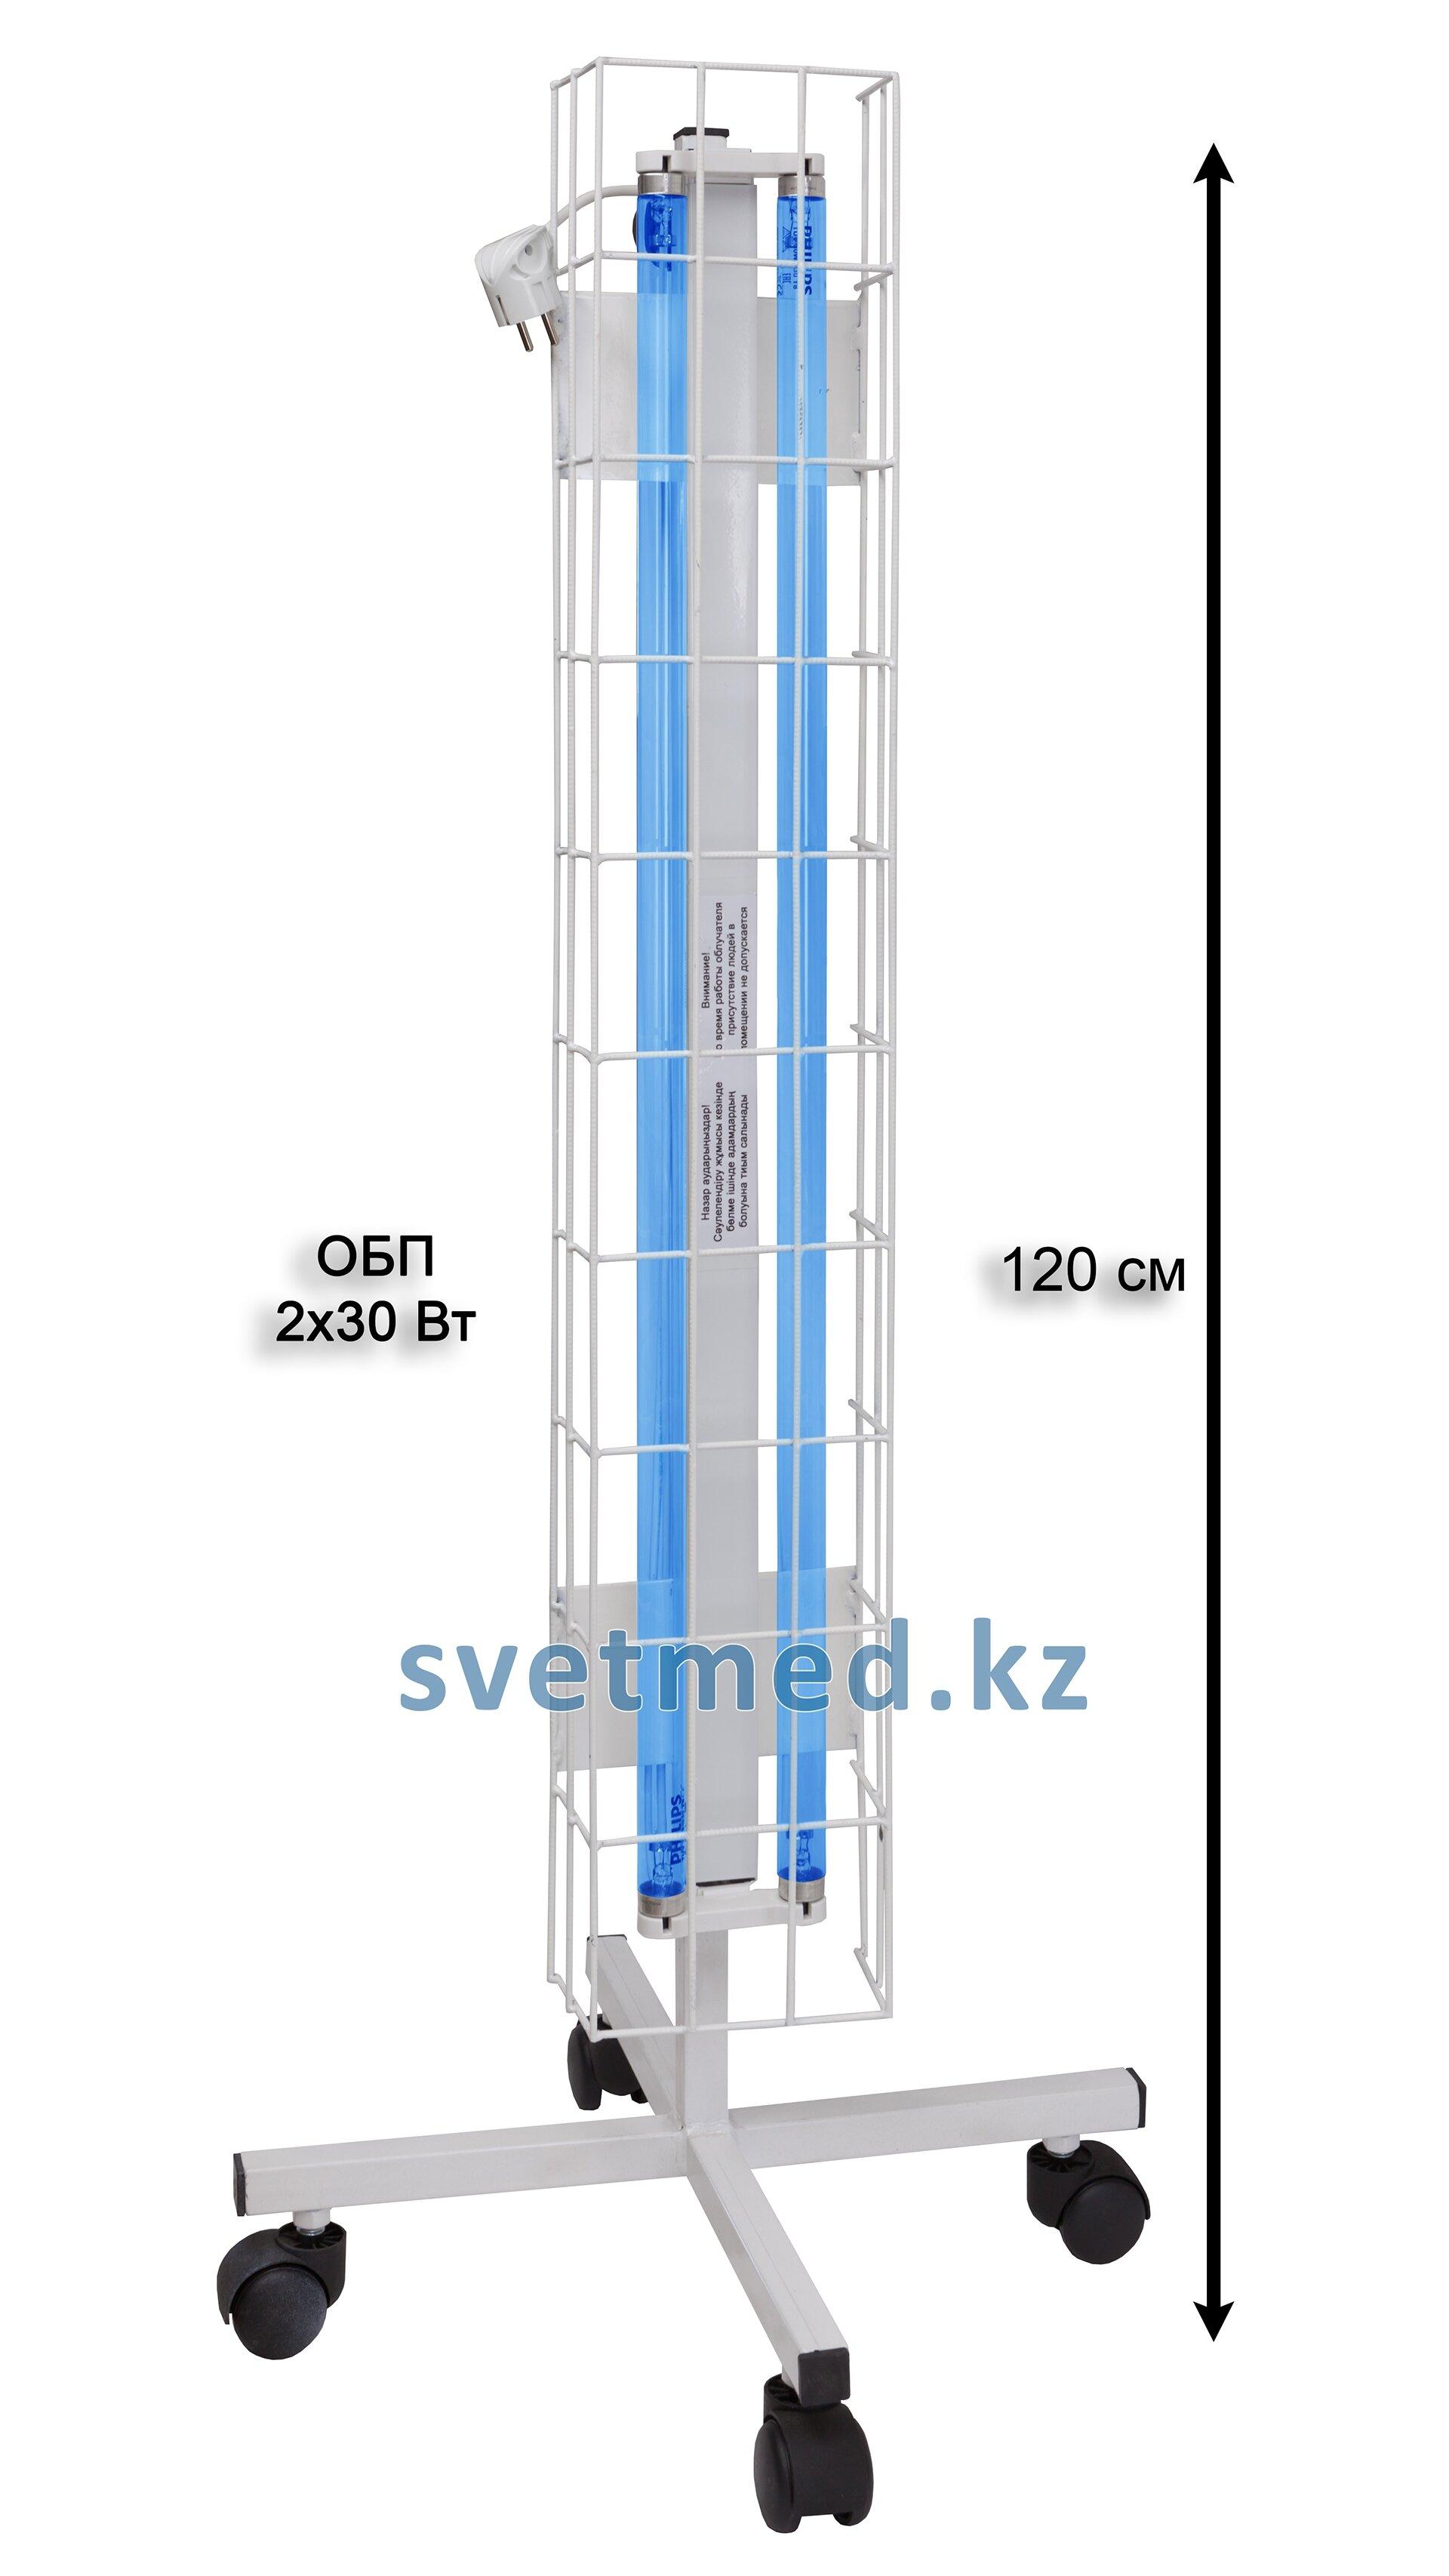 Облучатель бактерицидный передвижной ОБП 2х30 Вт